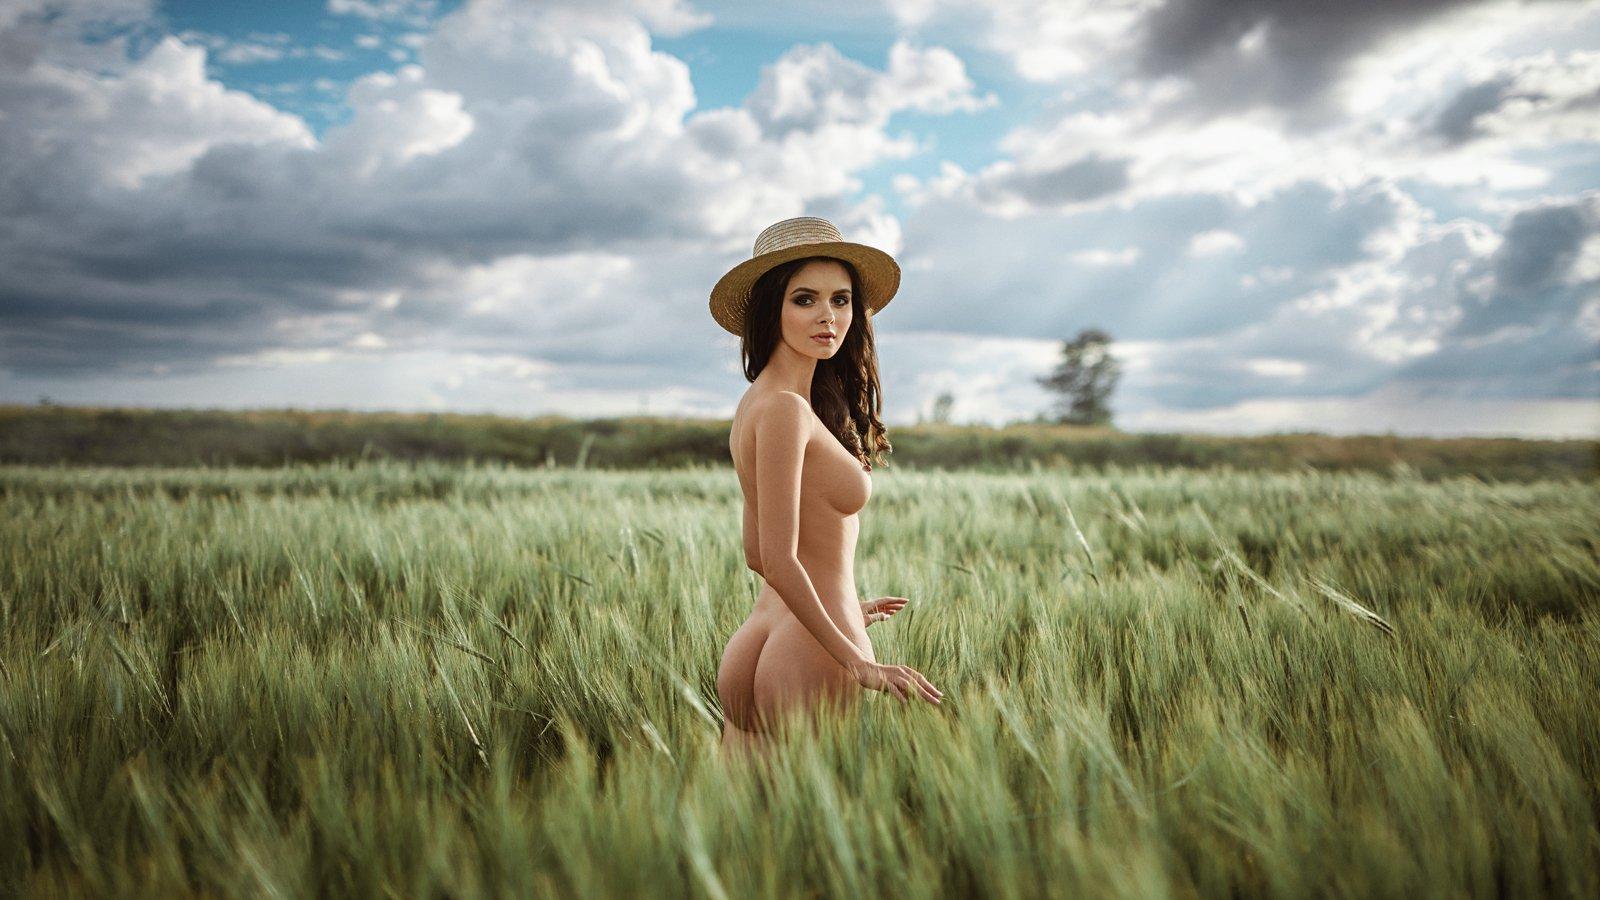 ню, nude, portrait, mood, портрет, art, Георгий Чернядьев